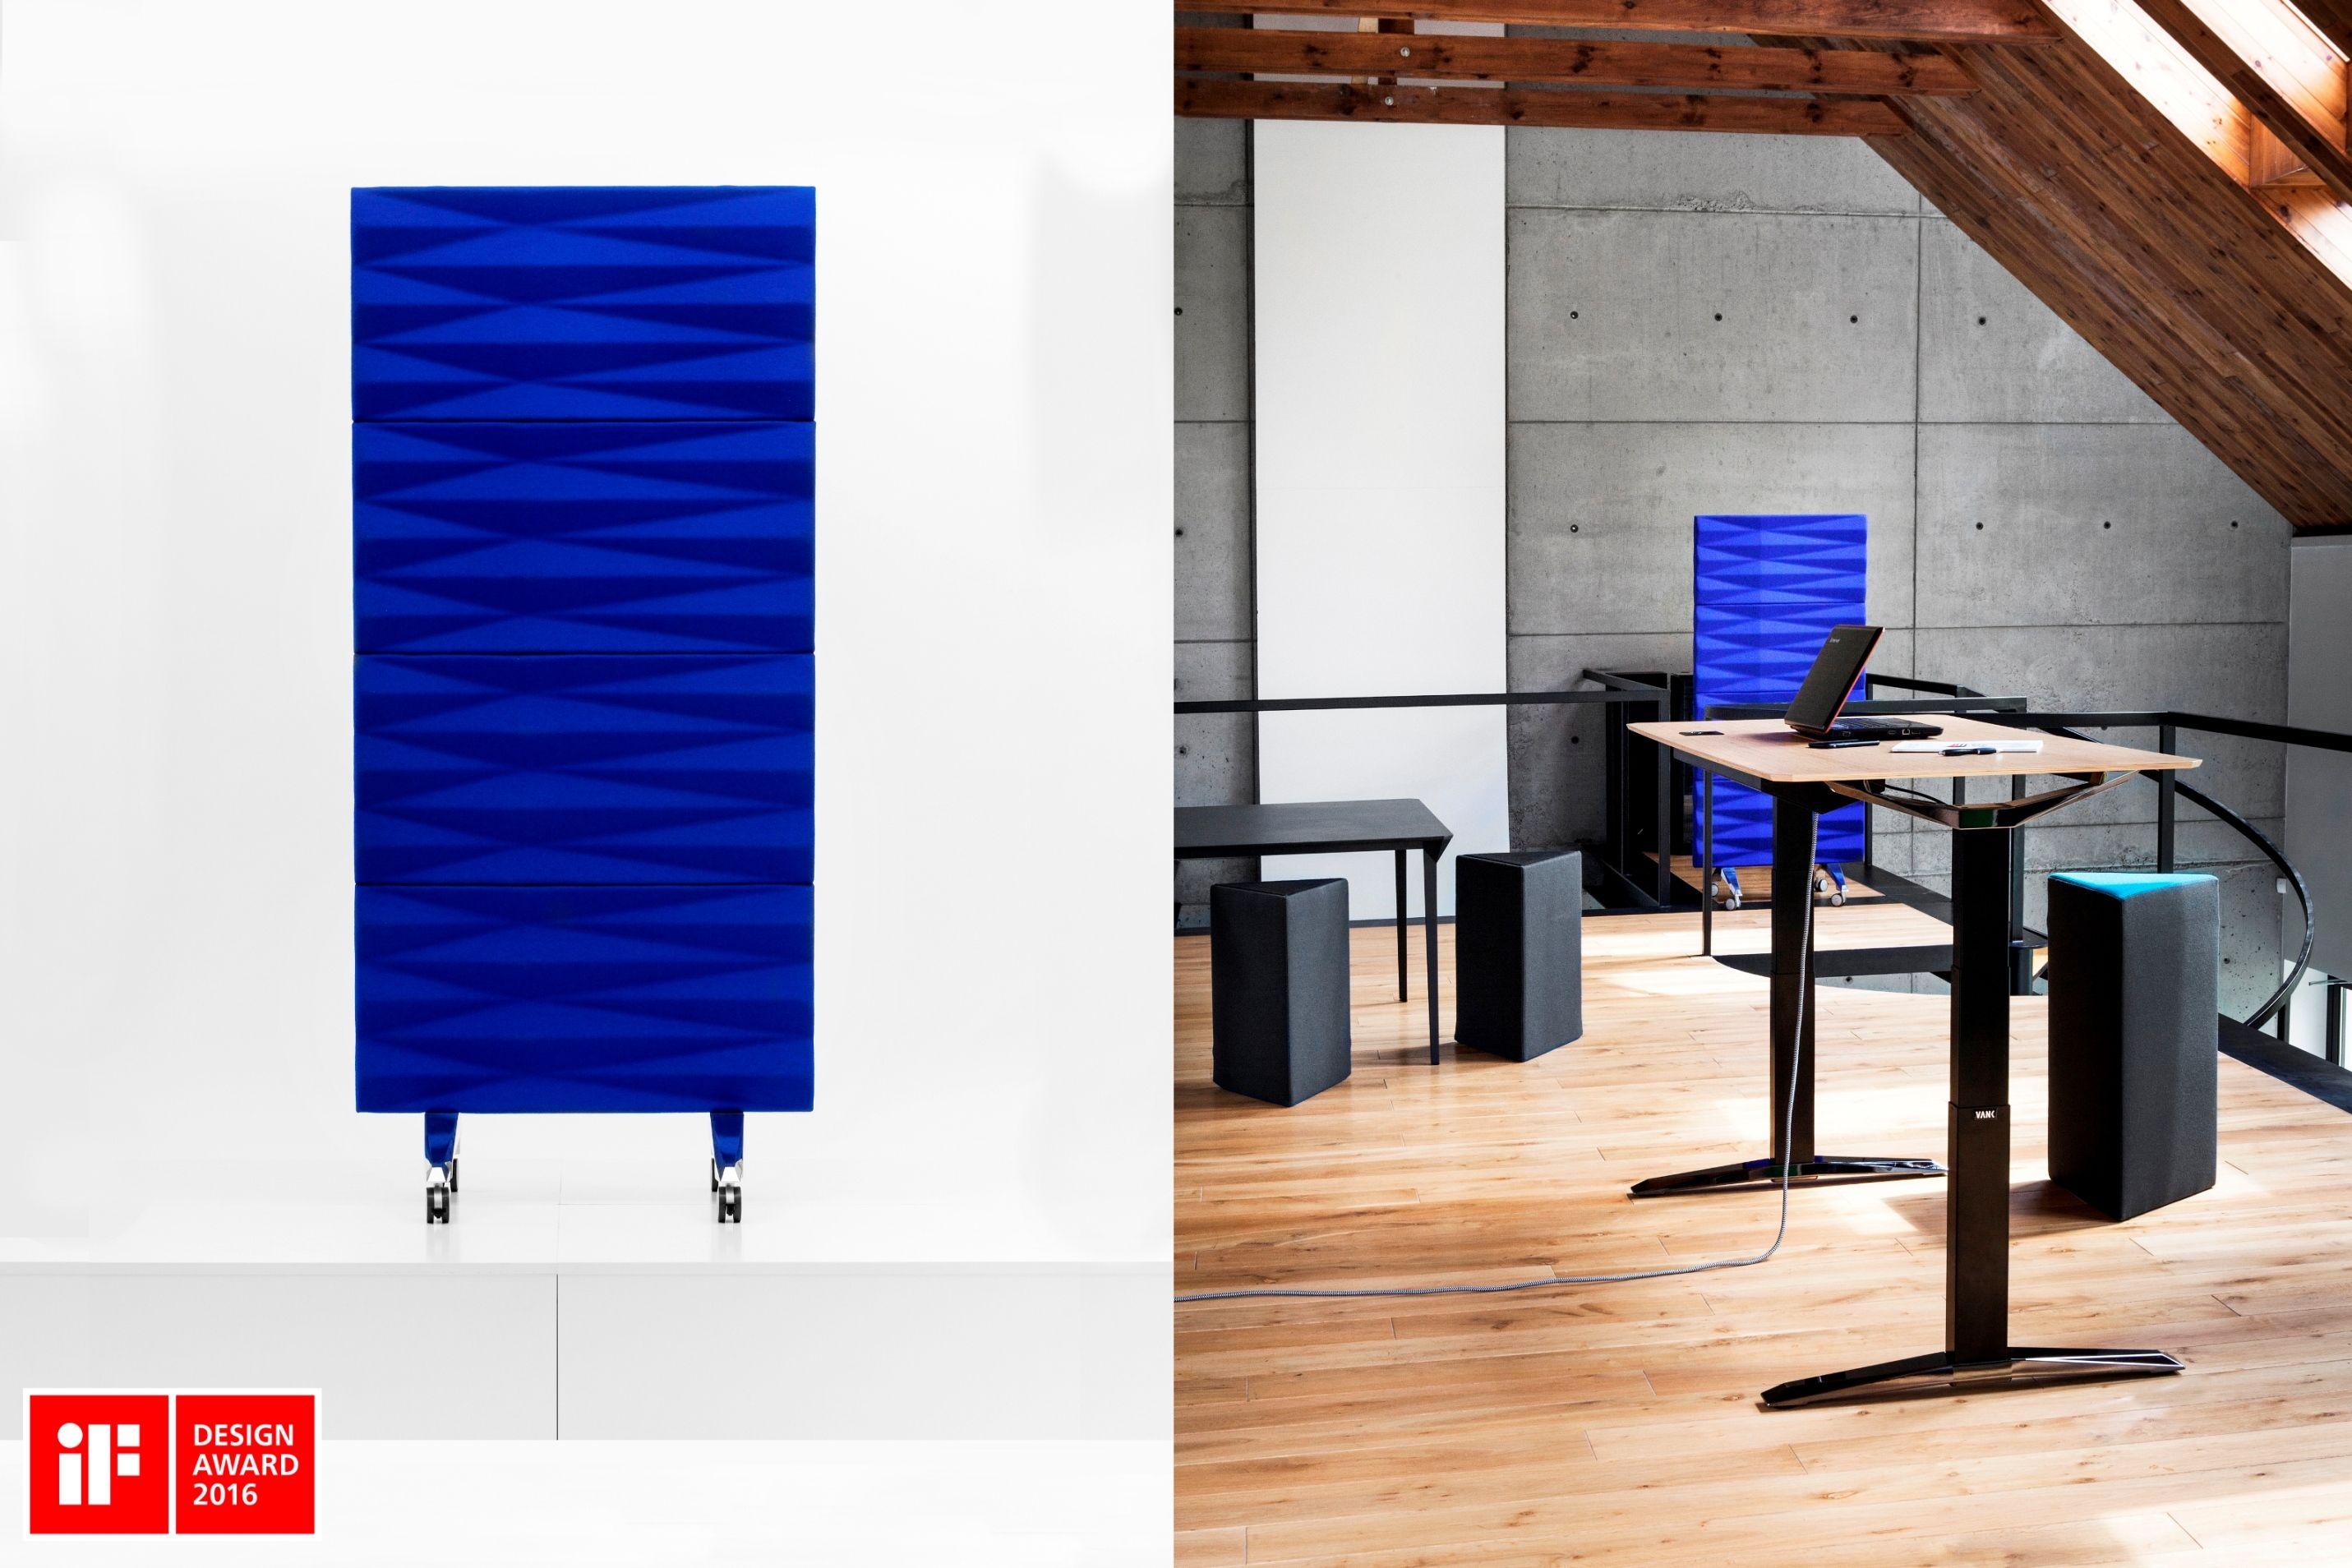 Vank Wall If Design Award 1 Acoustics 2 Pinterest Design  # Muebles Kowalczuk